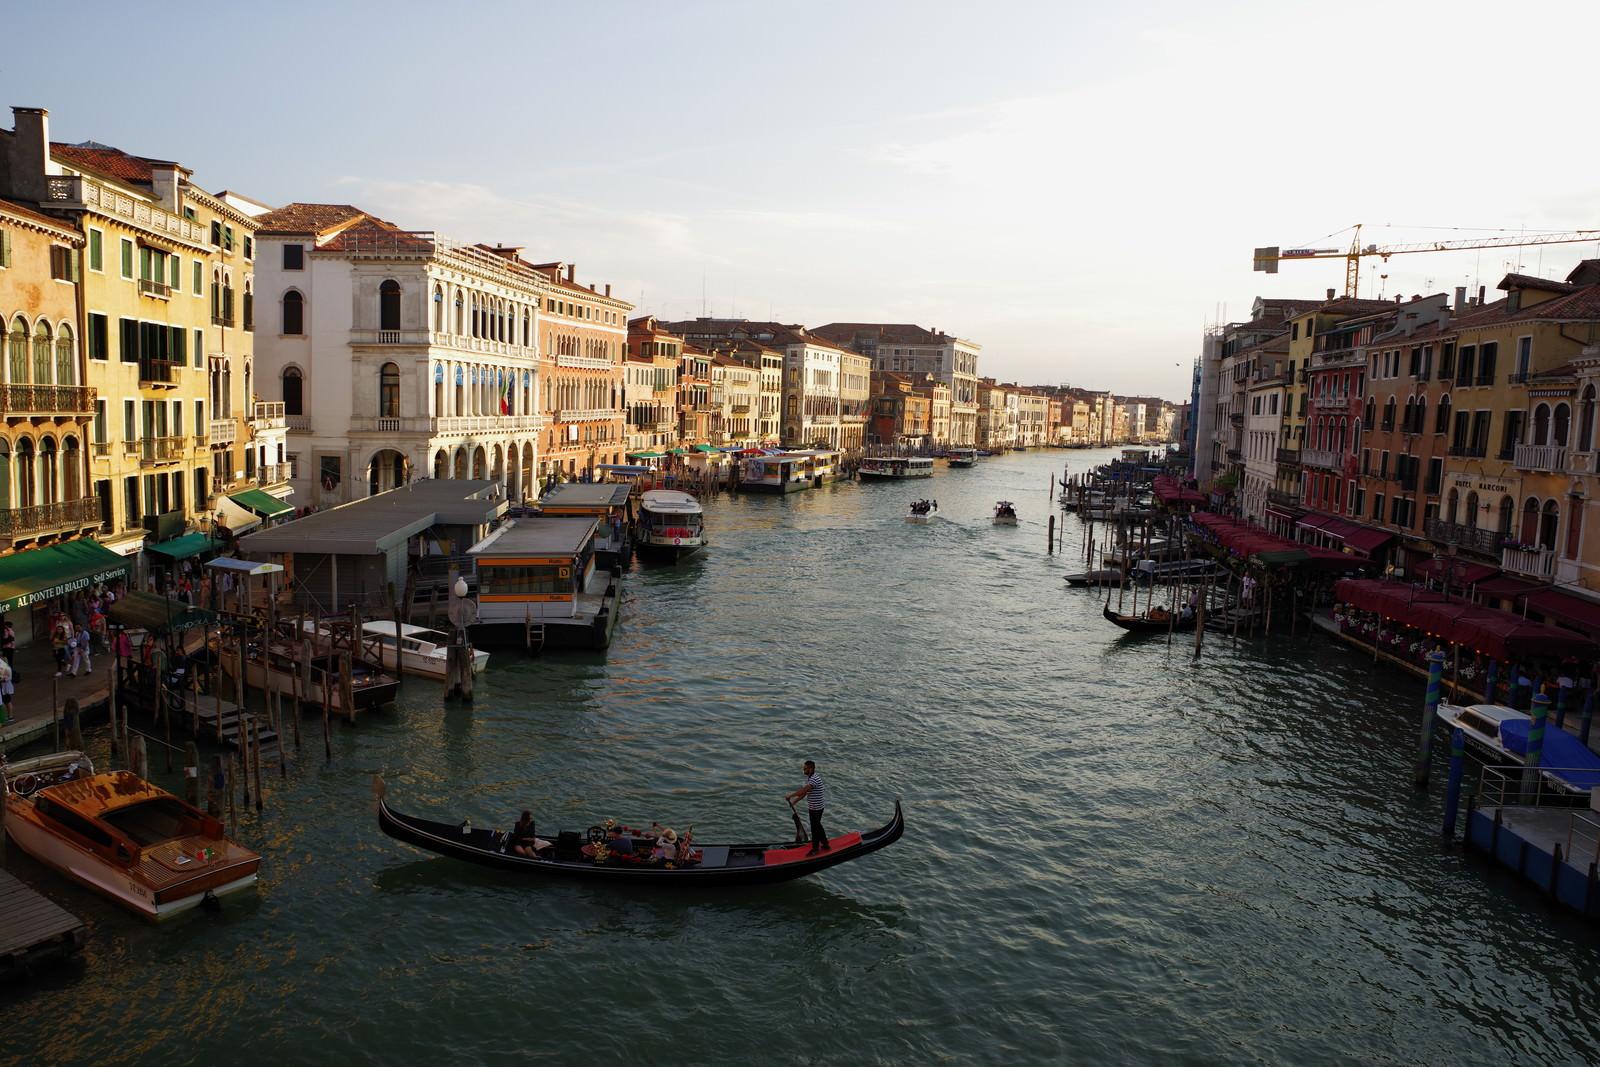 ベネツィアの水路に浮かぶ船と水辺に面した建物のフリー素材